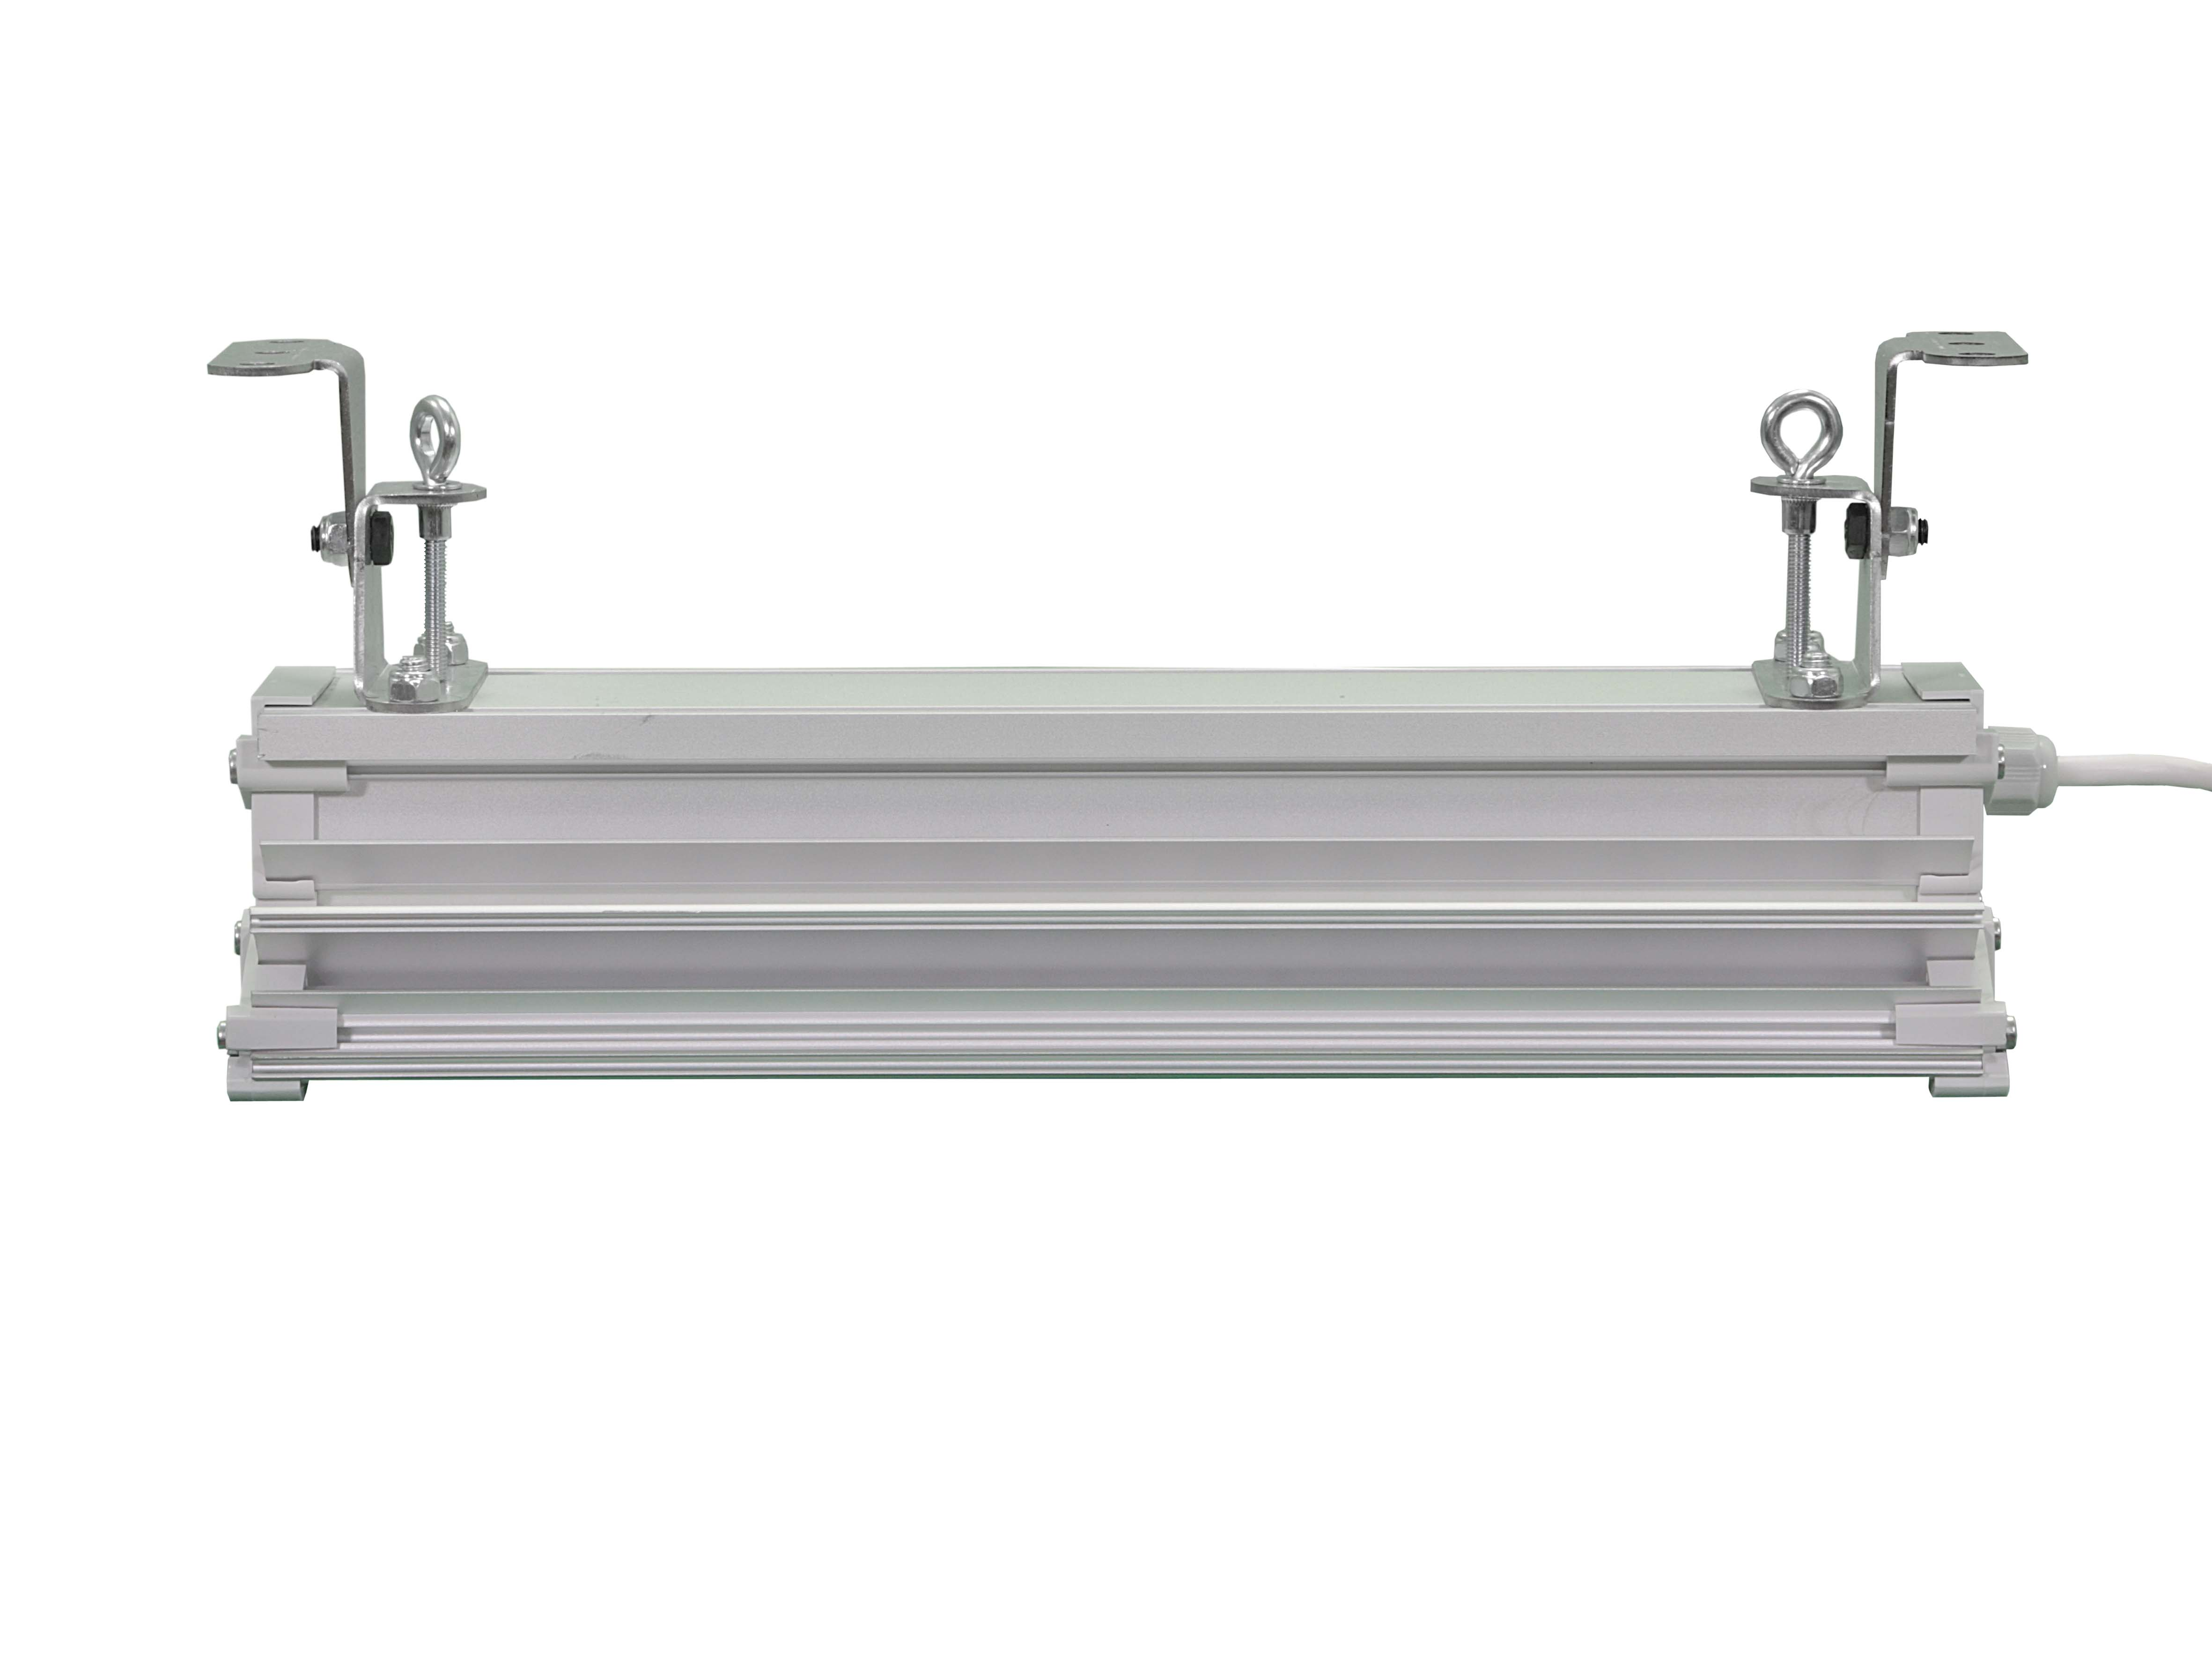 Промышленный светодиодный светильник ДСП-Алюм-40 Стандарт 40Вт 3792Лм